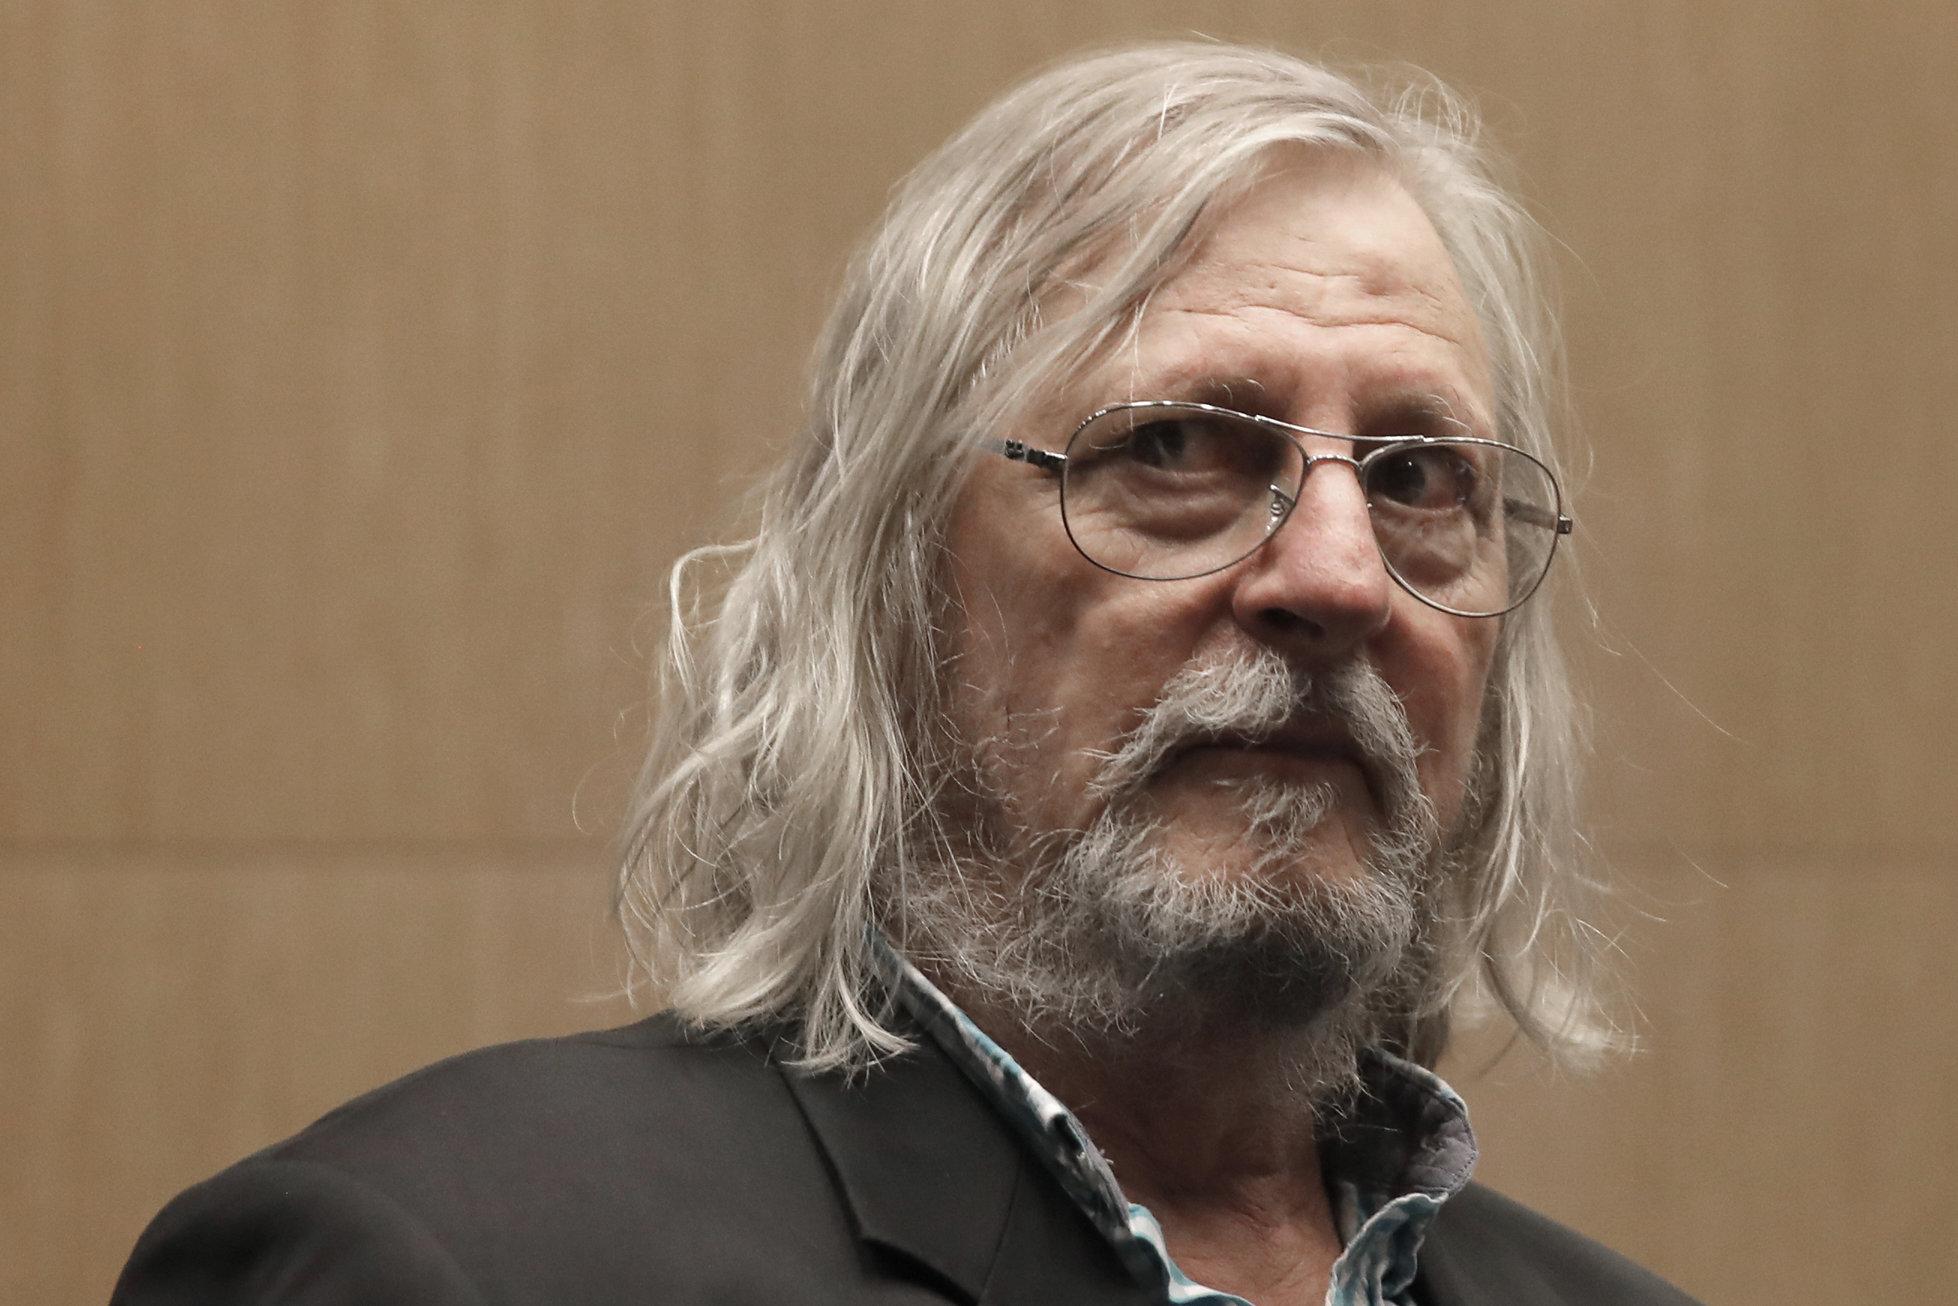 """Măsurile sanitare împotriva Covid-19 sunt """"total ineficiente"""", susține prof. Didier Raoult"""